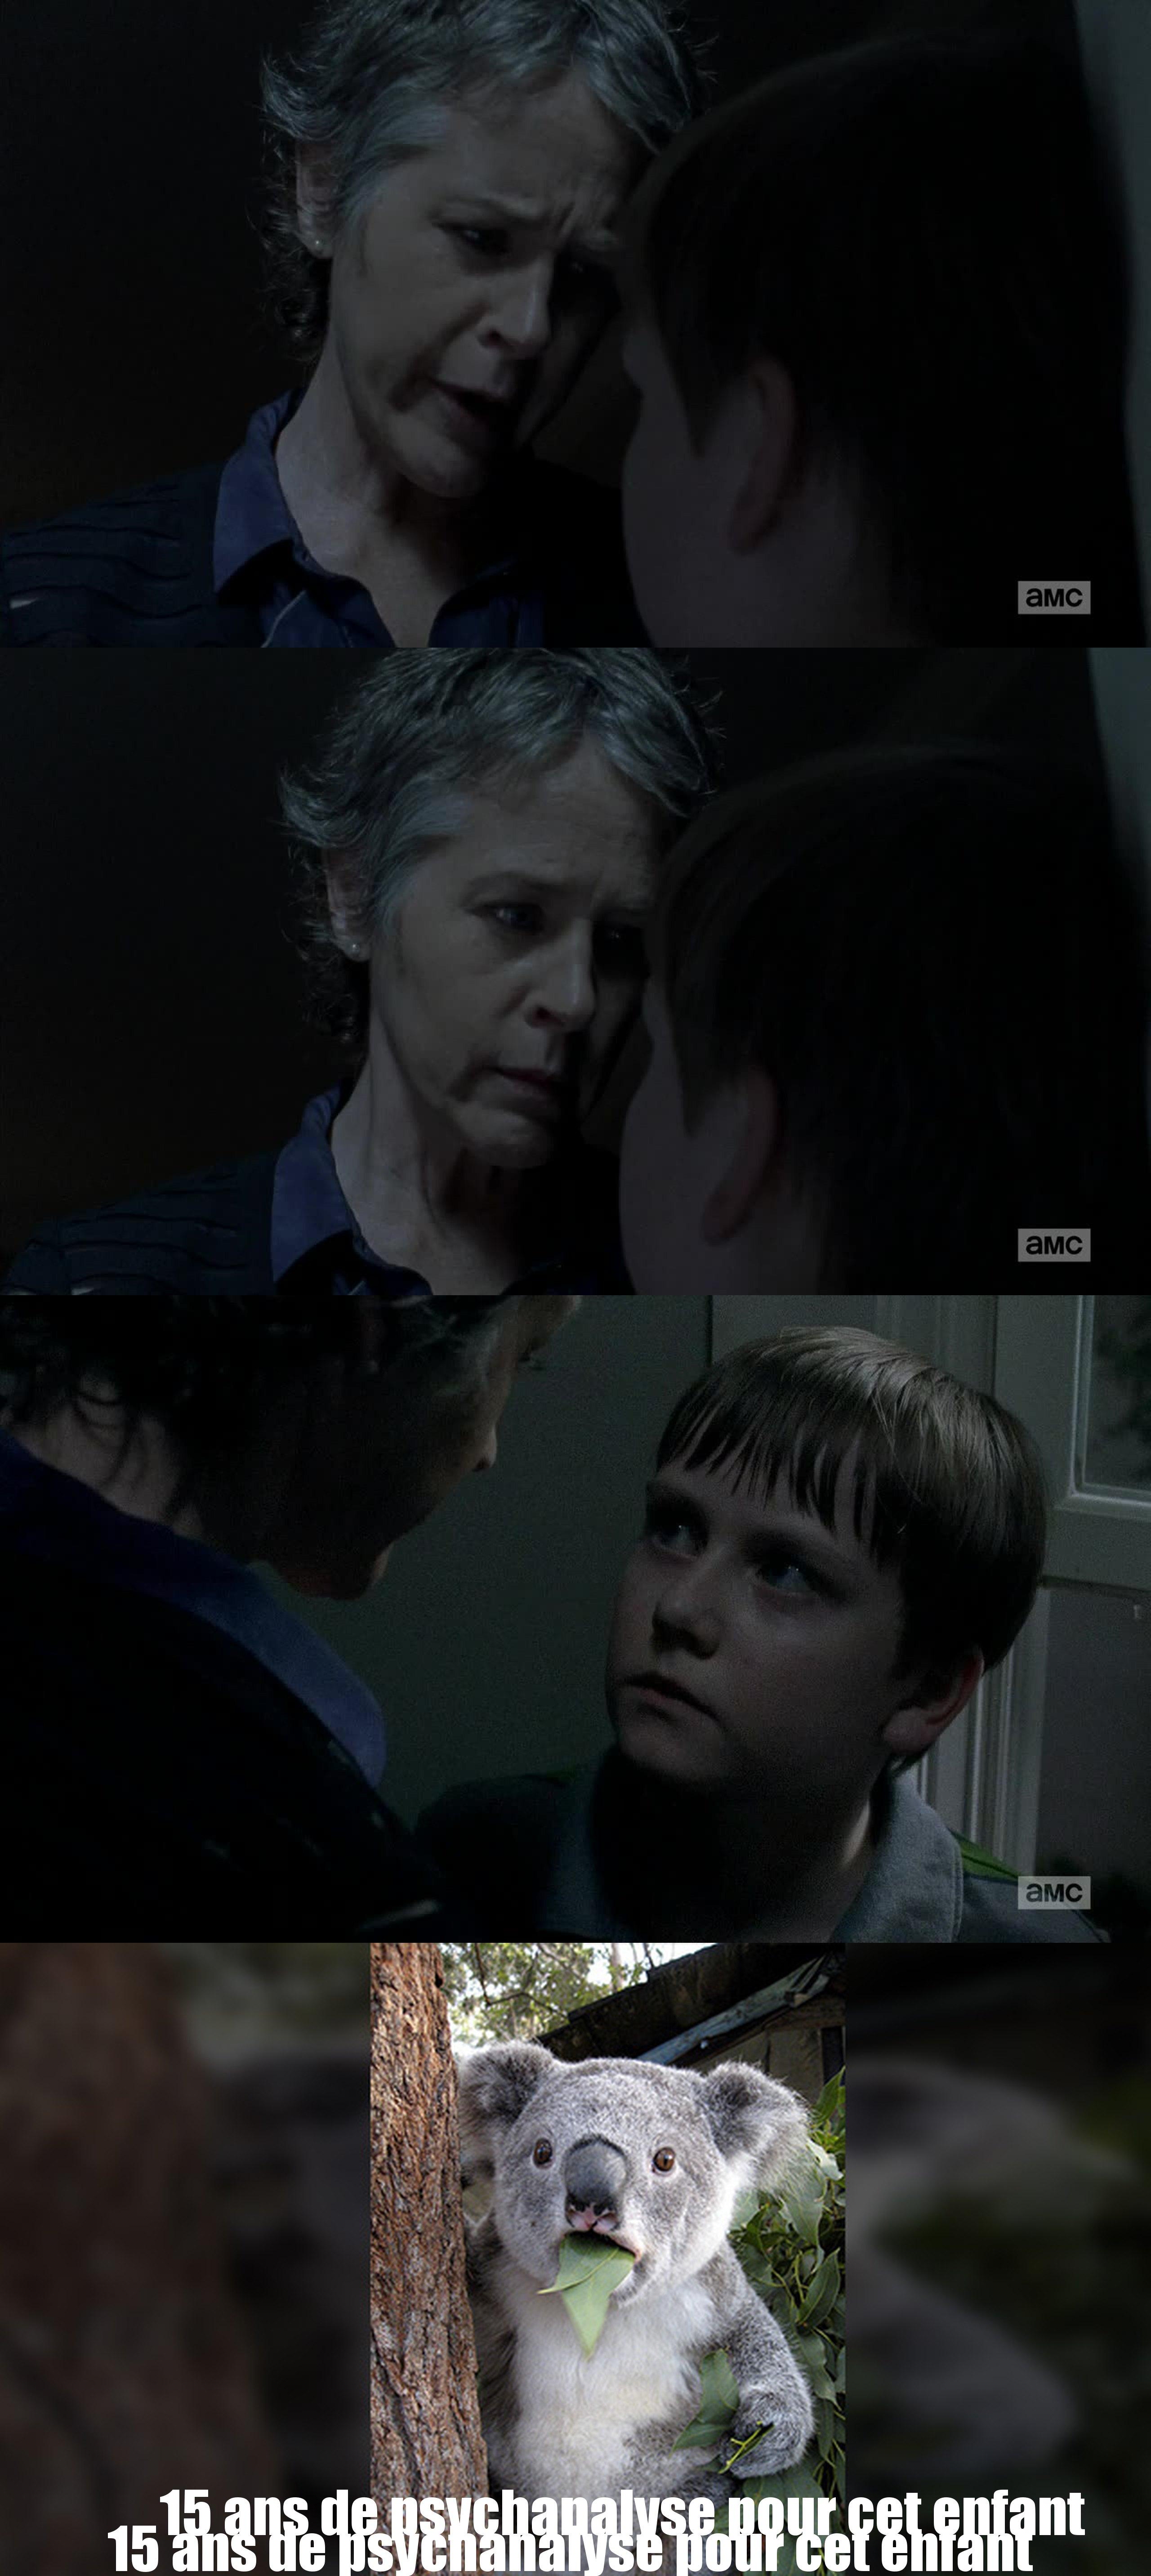 Mais Carole est tellement énorme dans cette saison ! j'adore ce personnage !